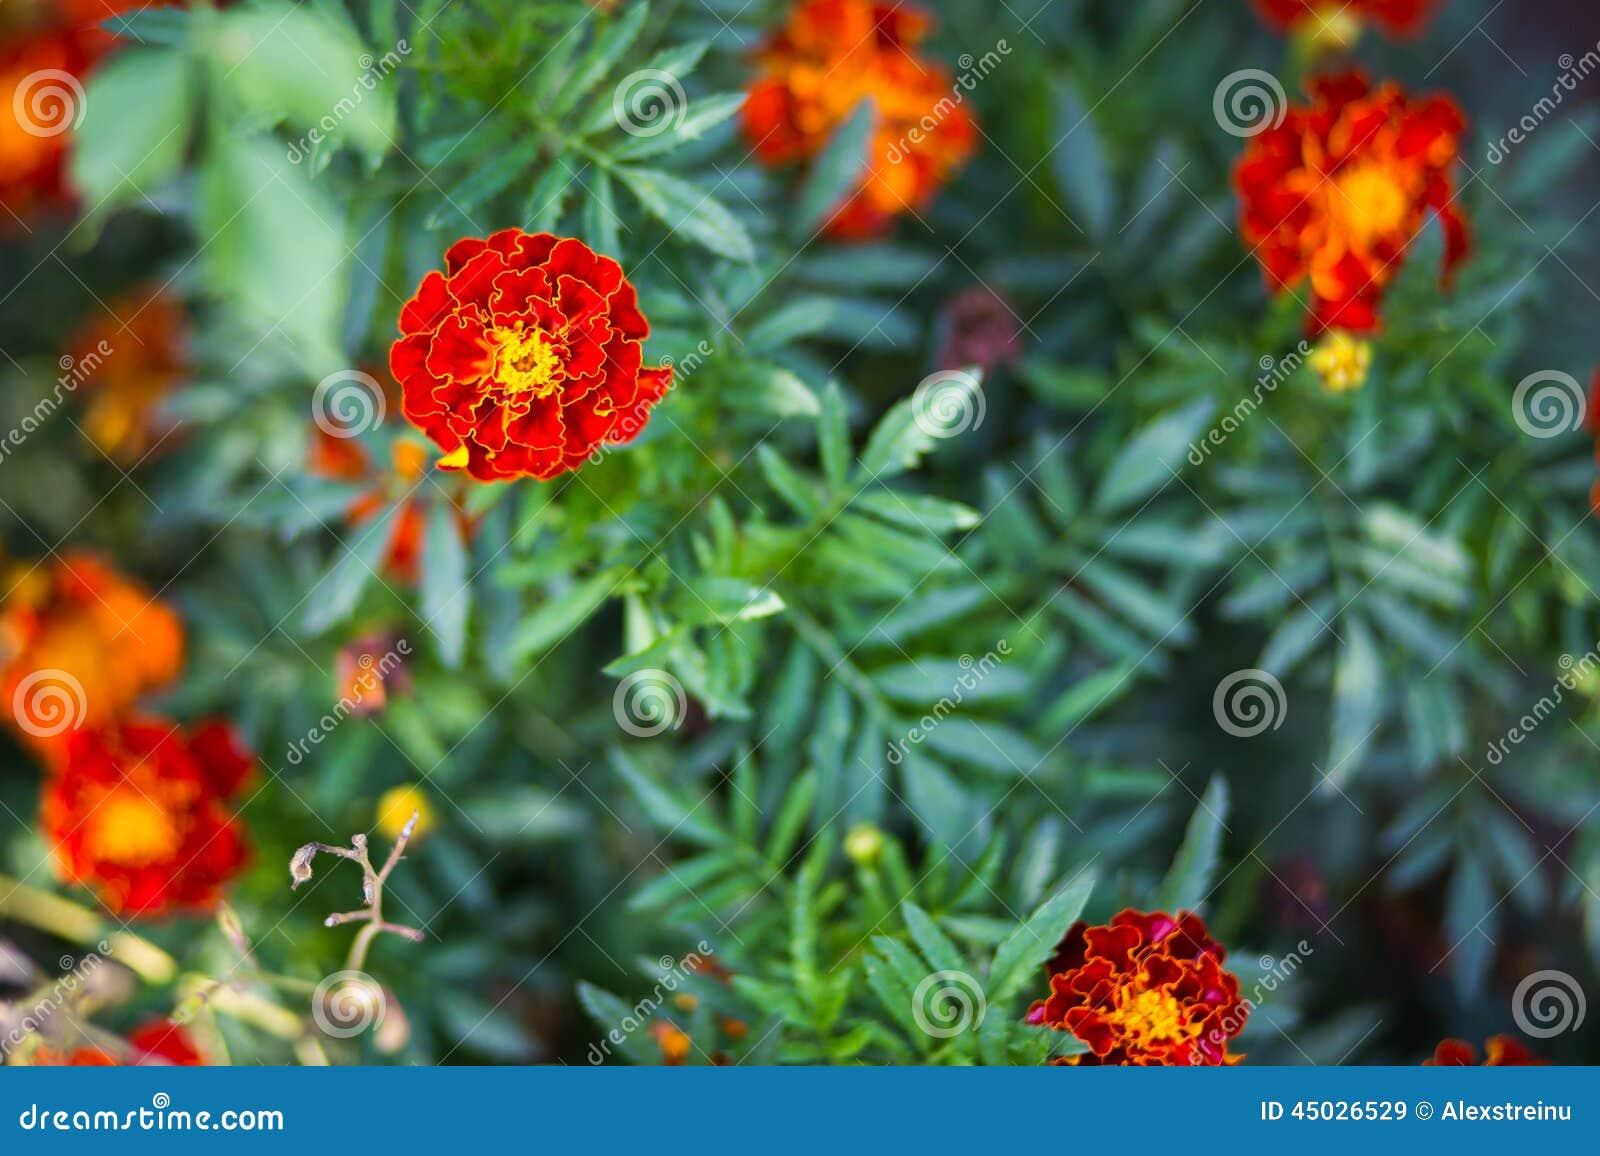 Pianta Semigrassa Con Fiori Arancioni ~ Idee Creative di Interni e Mobili